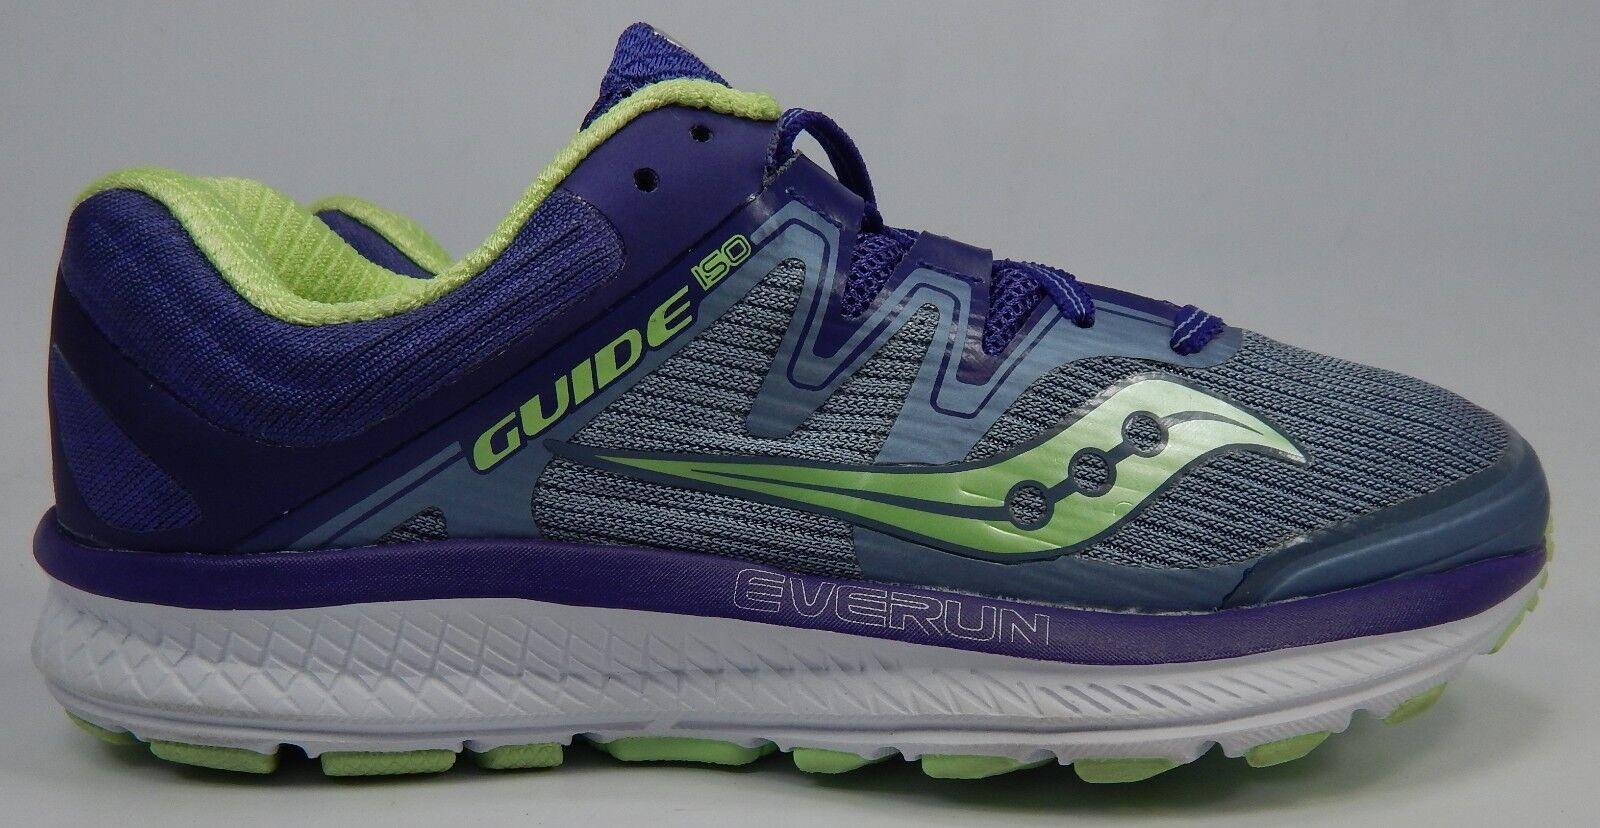 Saucony Guide ISO Tamaño  7.5 M (B) (B) (B) de la UE  38.5 Para Mujer Zapatos Para Correr Púrpura S10415-1  seguro de calidad